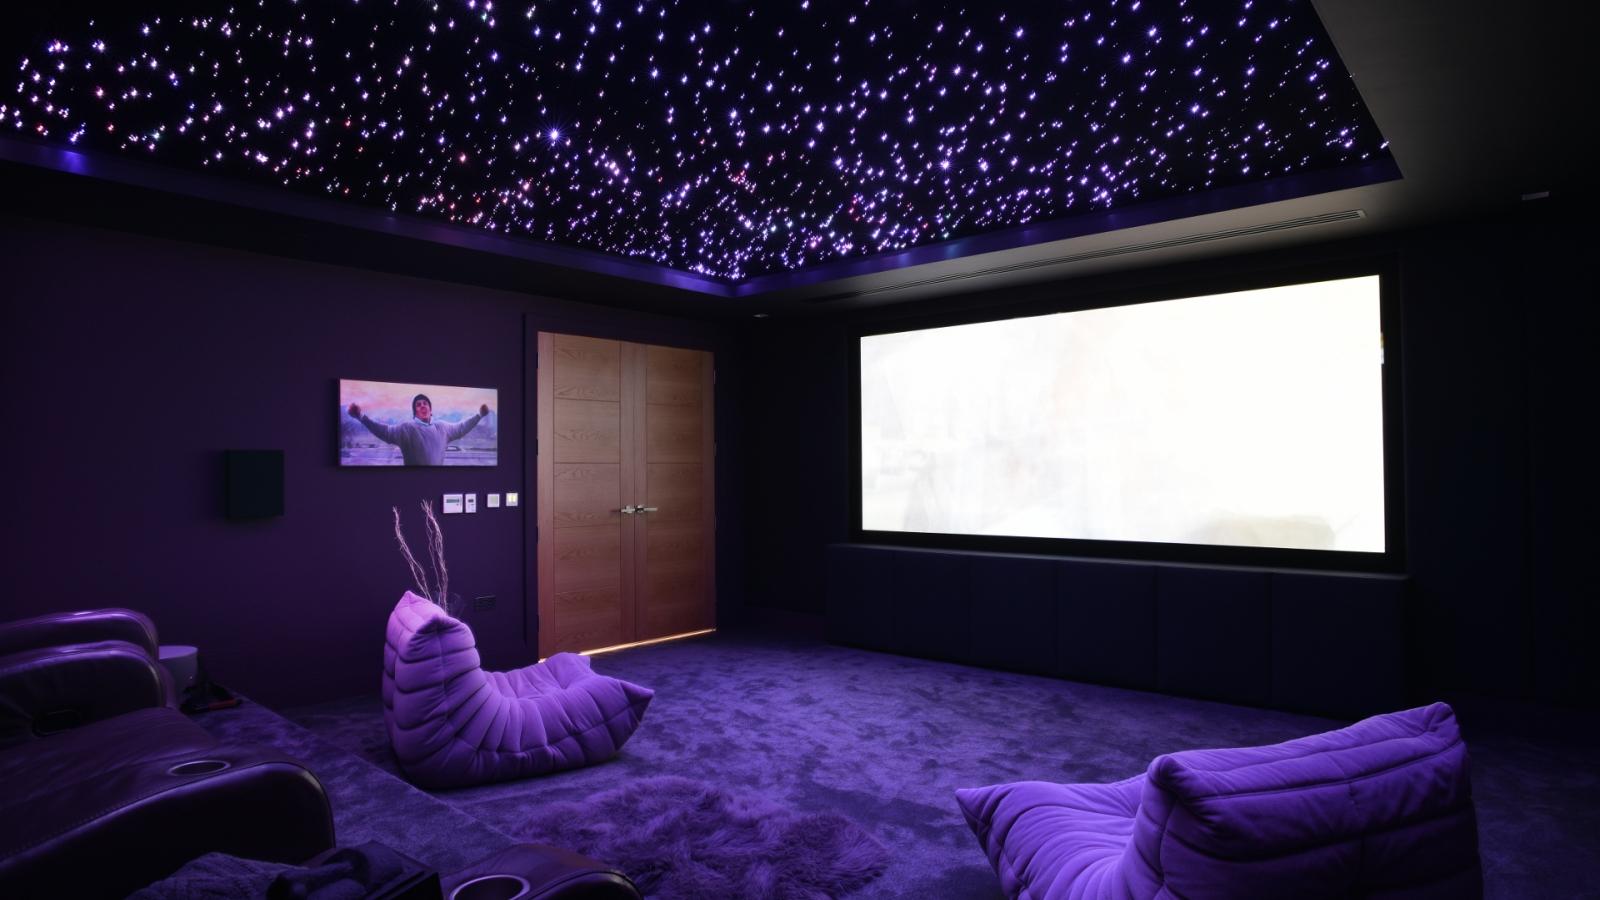 New Home Cinema Showroom | 19th February 2018 | News + Events | Sky House  Design Centre